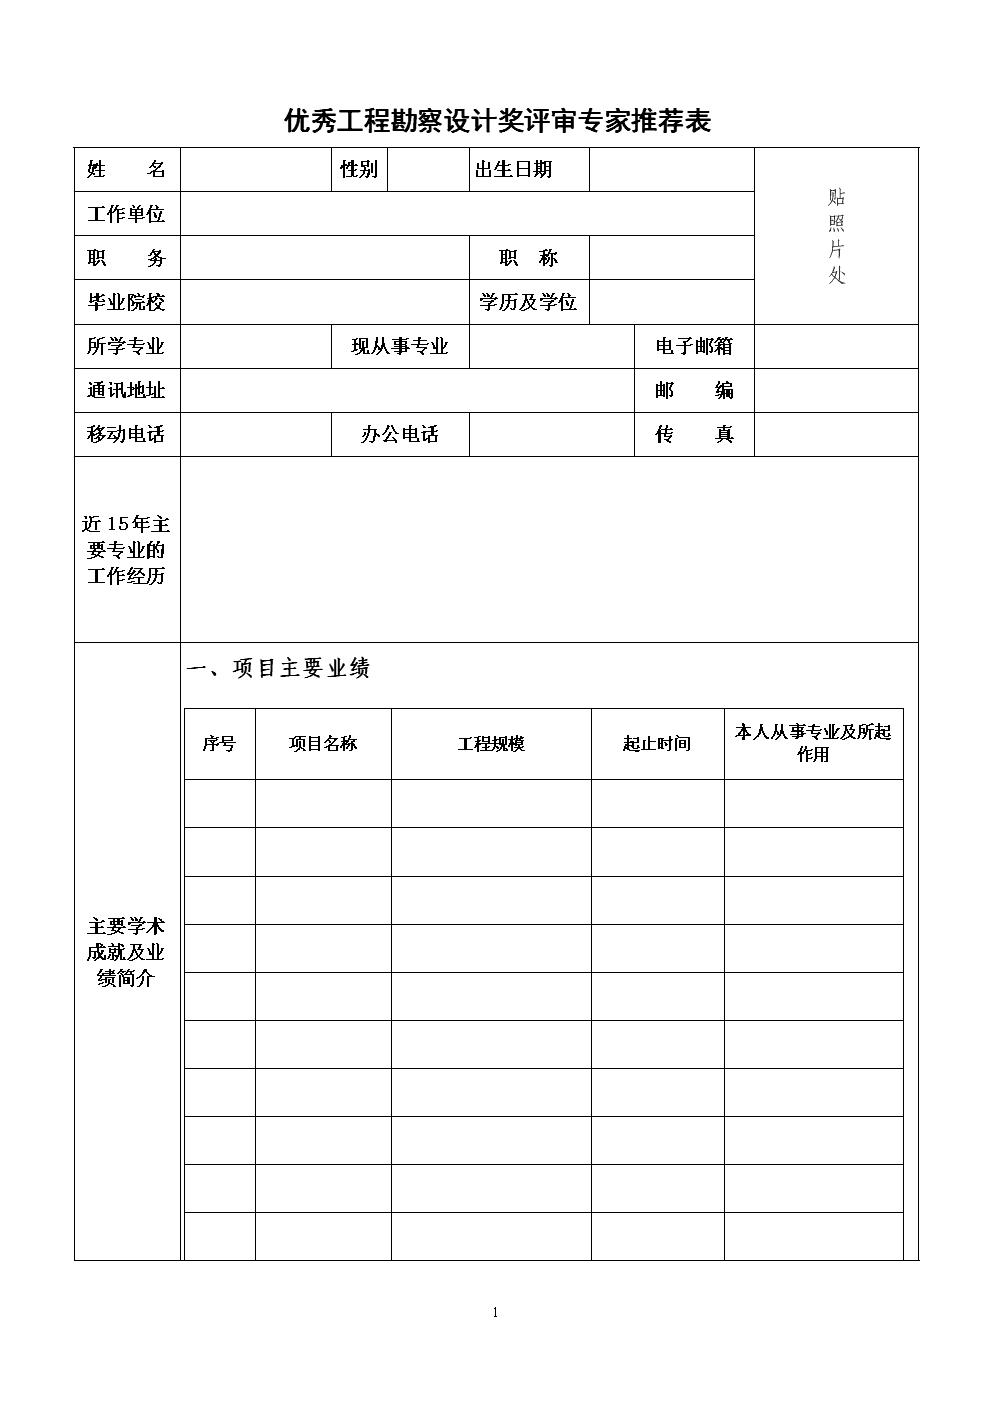 优秀工程勘察奖专家库推荐表.doc